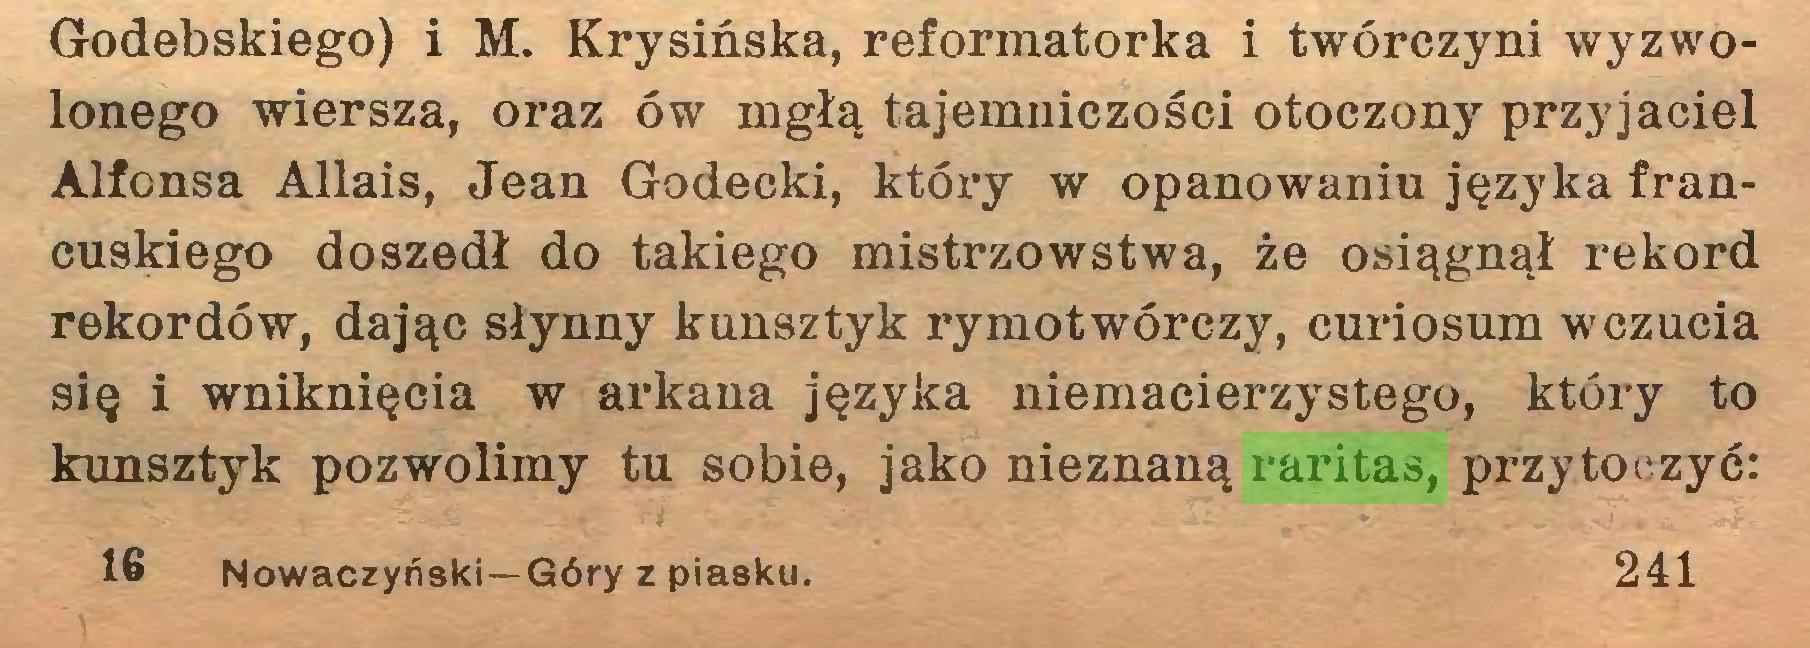 (...) Godebskiego) i M. Krysińska, reformatorka i twórczyni wyzwolonego wiersza, oraz ów mgłą tajemniczości otoczony przyjaciel Alfonsa Allais, Jean Godecki, który w opanowaniu języka francuskiego doszedł do takiego mistrzowstwa, że osiągnął rekord rekordów, dając słynny kunsztyk rymotwórczy, curiosum wczucia się i wniknięcia w arkana języka niemacierzystego, który to kunsztyk pozwolimy tu sobie, jako nieznaną raritas, przytoczyć: 16 Nowaczyński—Góry z piasku. 241...